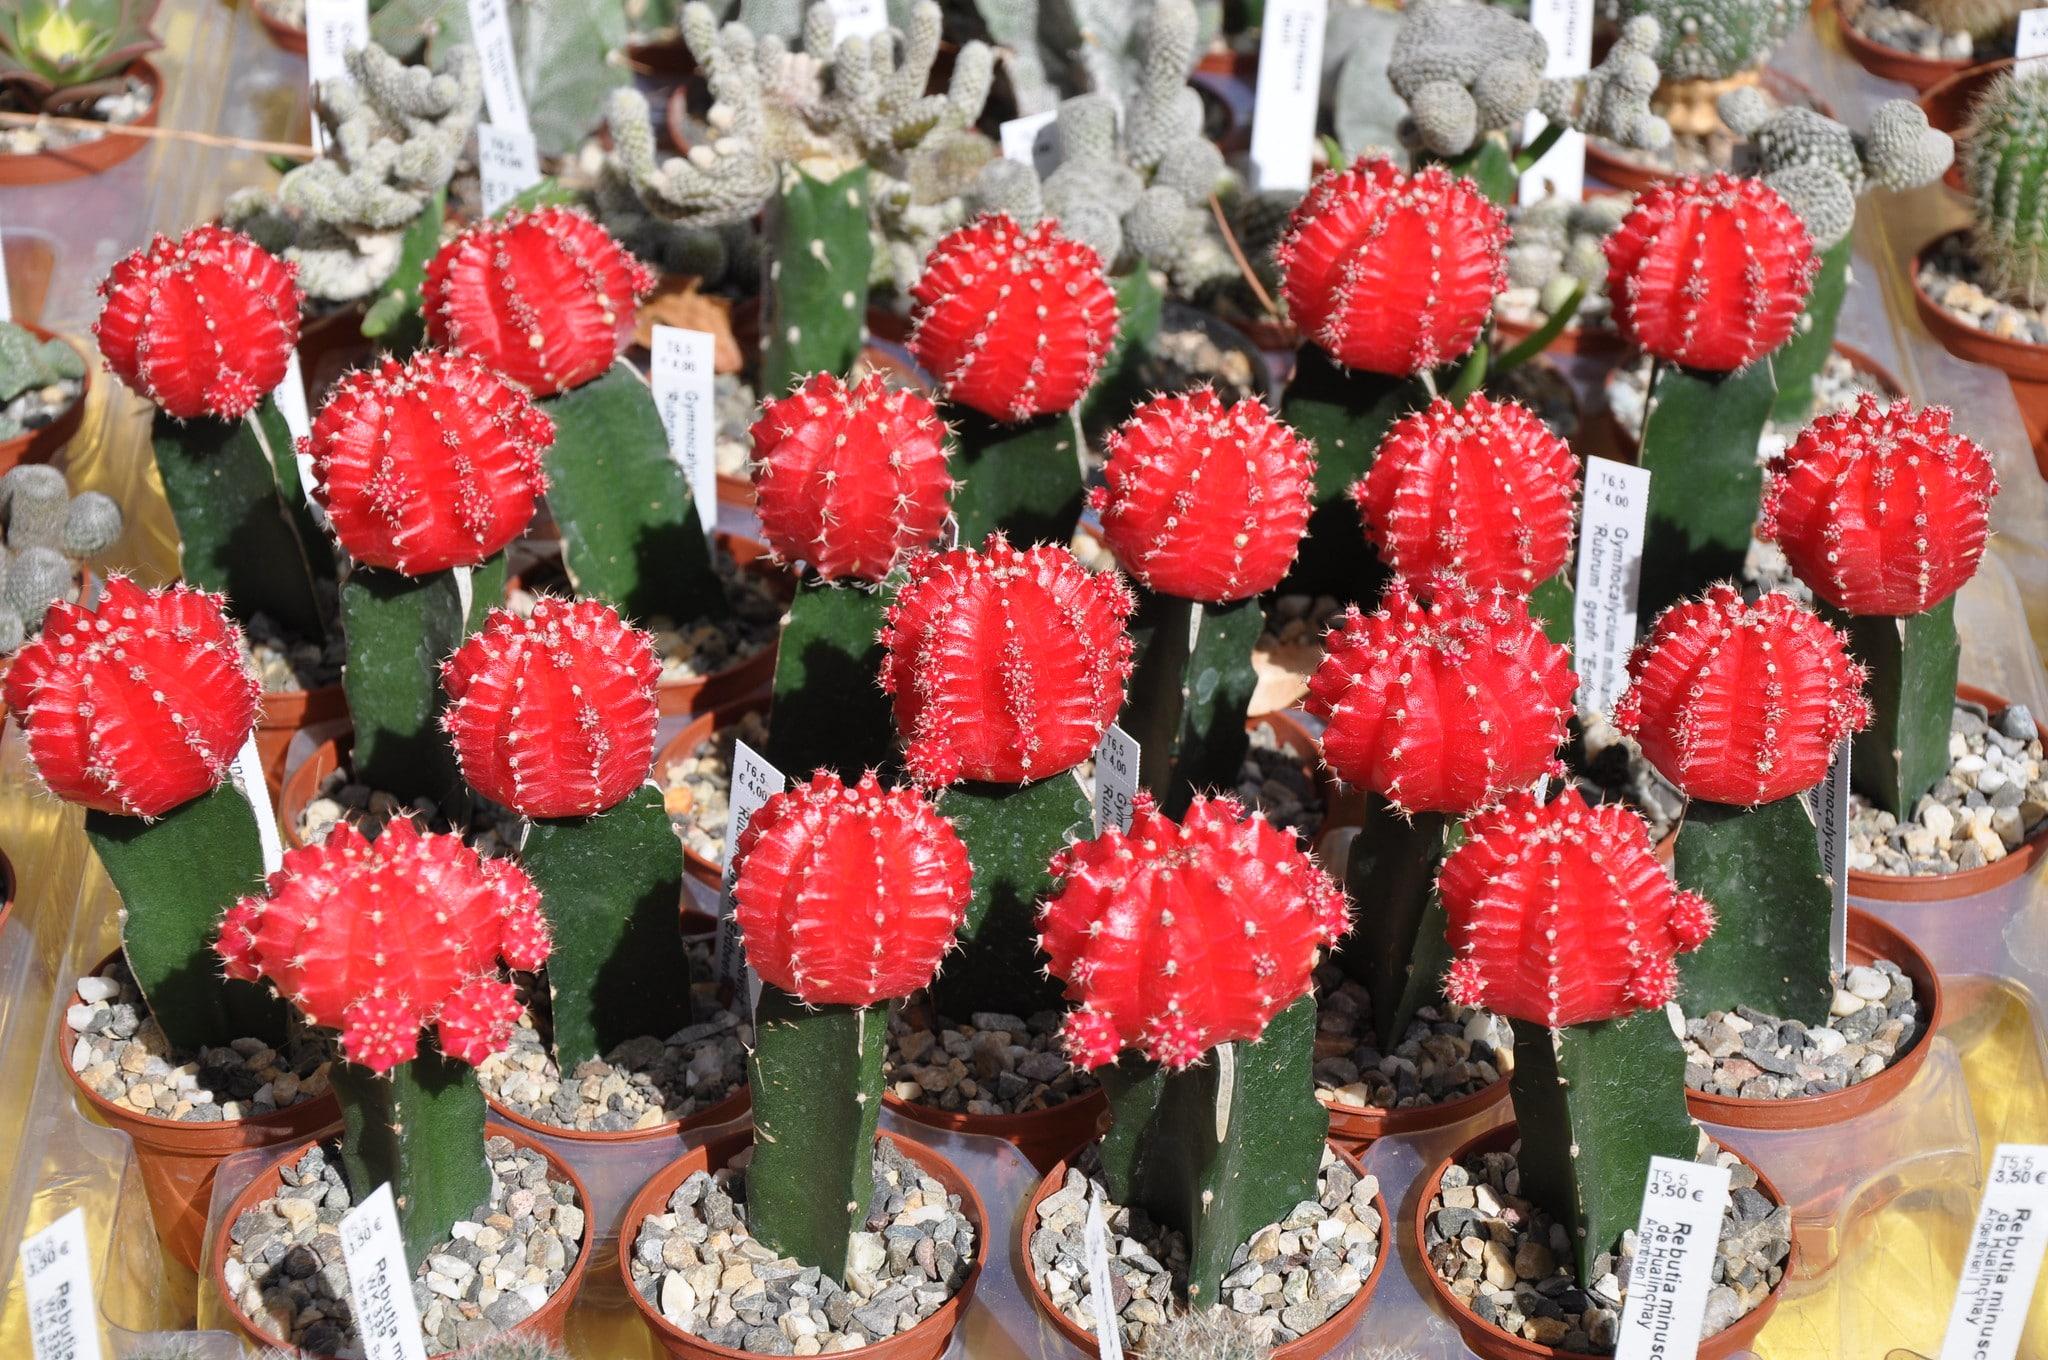 El cactus rojo requiere pocos riegos